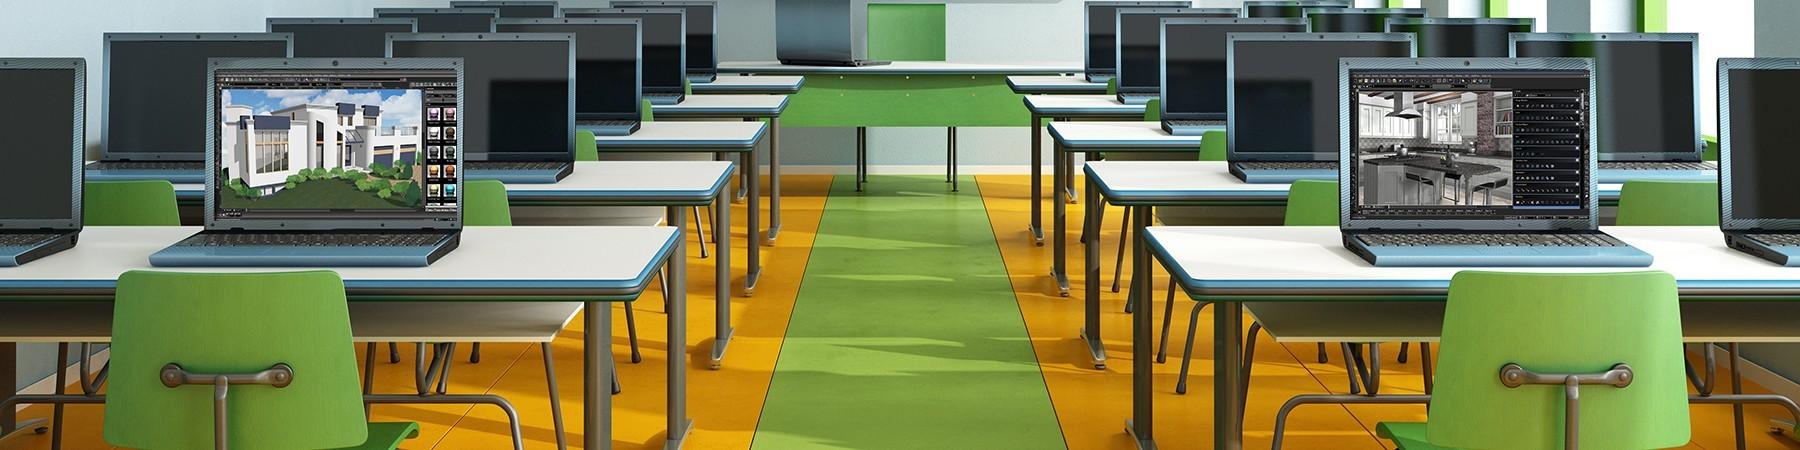 Đồng phục học sinh các cấp, các trường. Sản phẩm chất lượng cao.